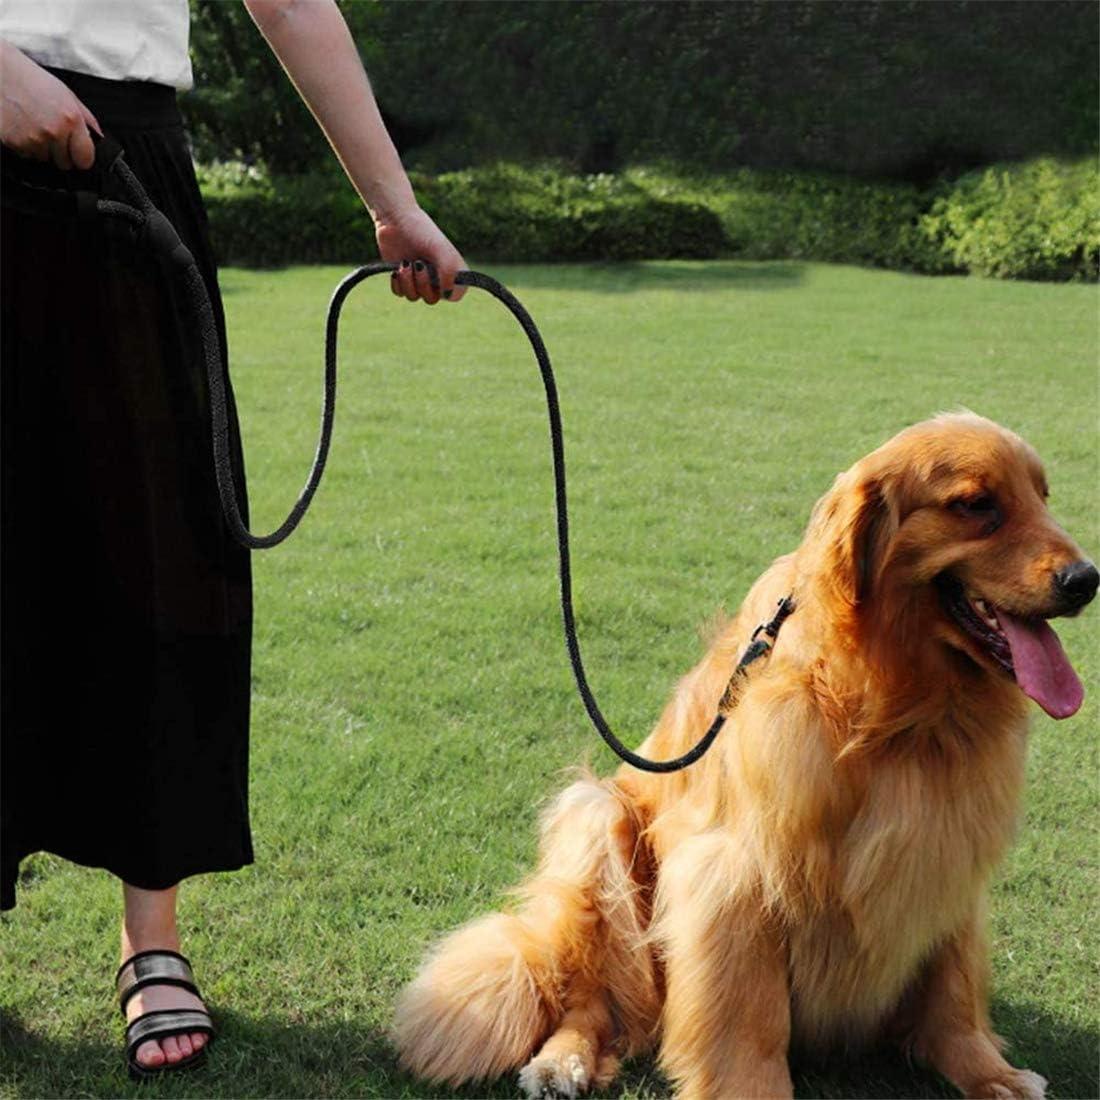 Alittle Collare guinzaglio e Imbracatura Set,Regolabile Cani Animali Pet Corda Leash Rope Cane Dog Harness Collare per Cane per Piccolo Medio Grande Cane(S)